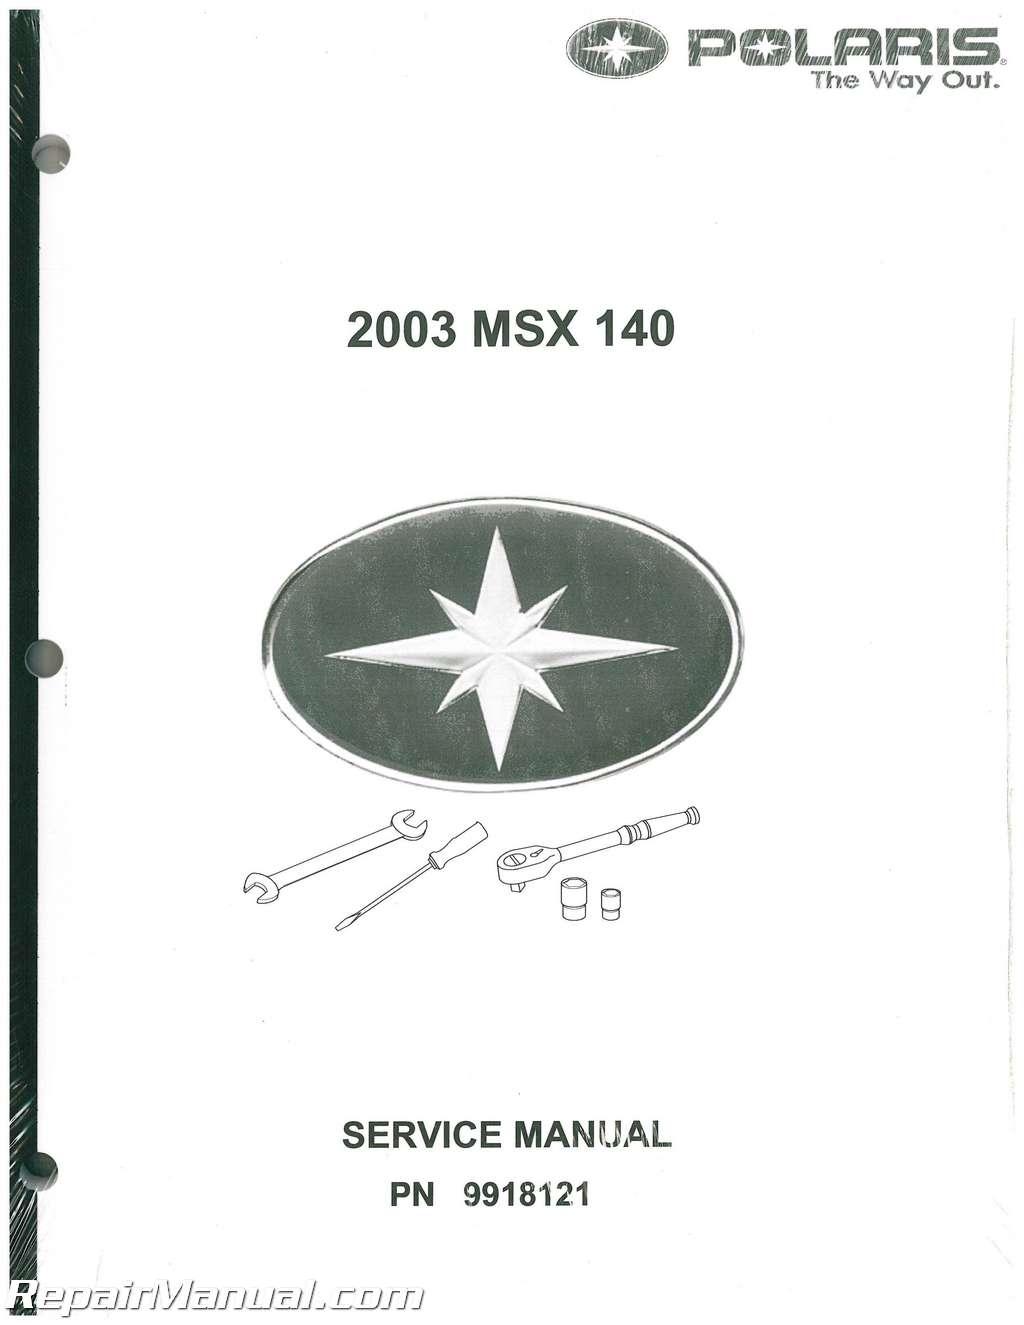 2003 polaris msx 140 service manual rh repairmanual com Polaris MSX 140 Troubleshooting 2003 Polaris MSX 140 Specifications